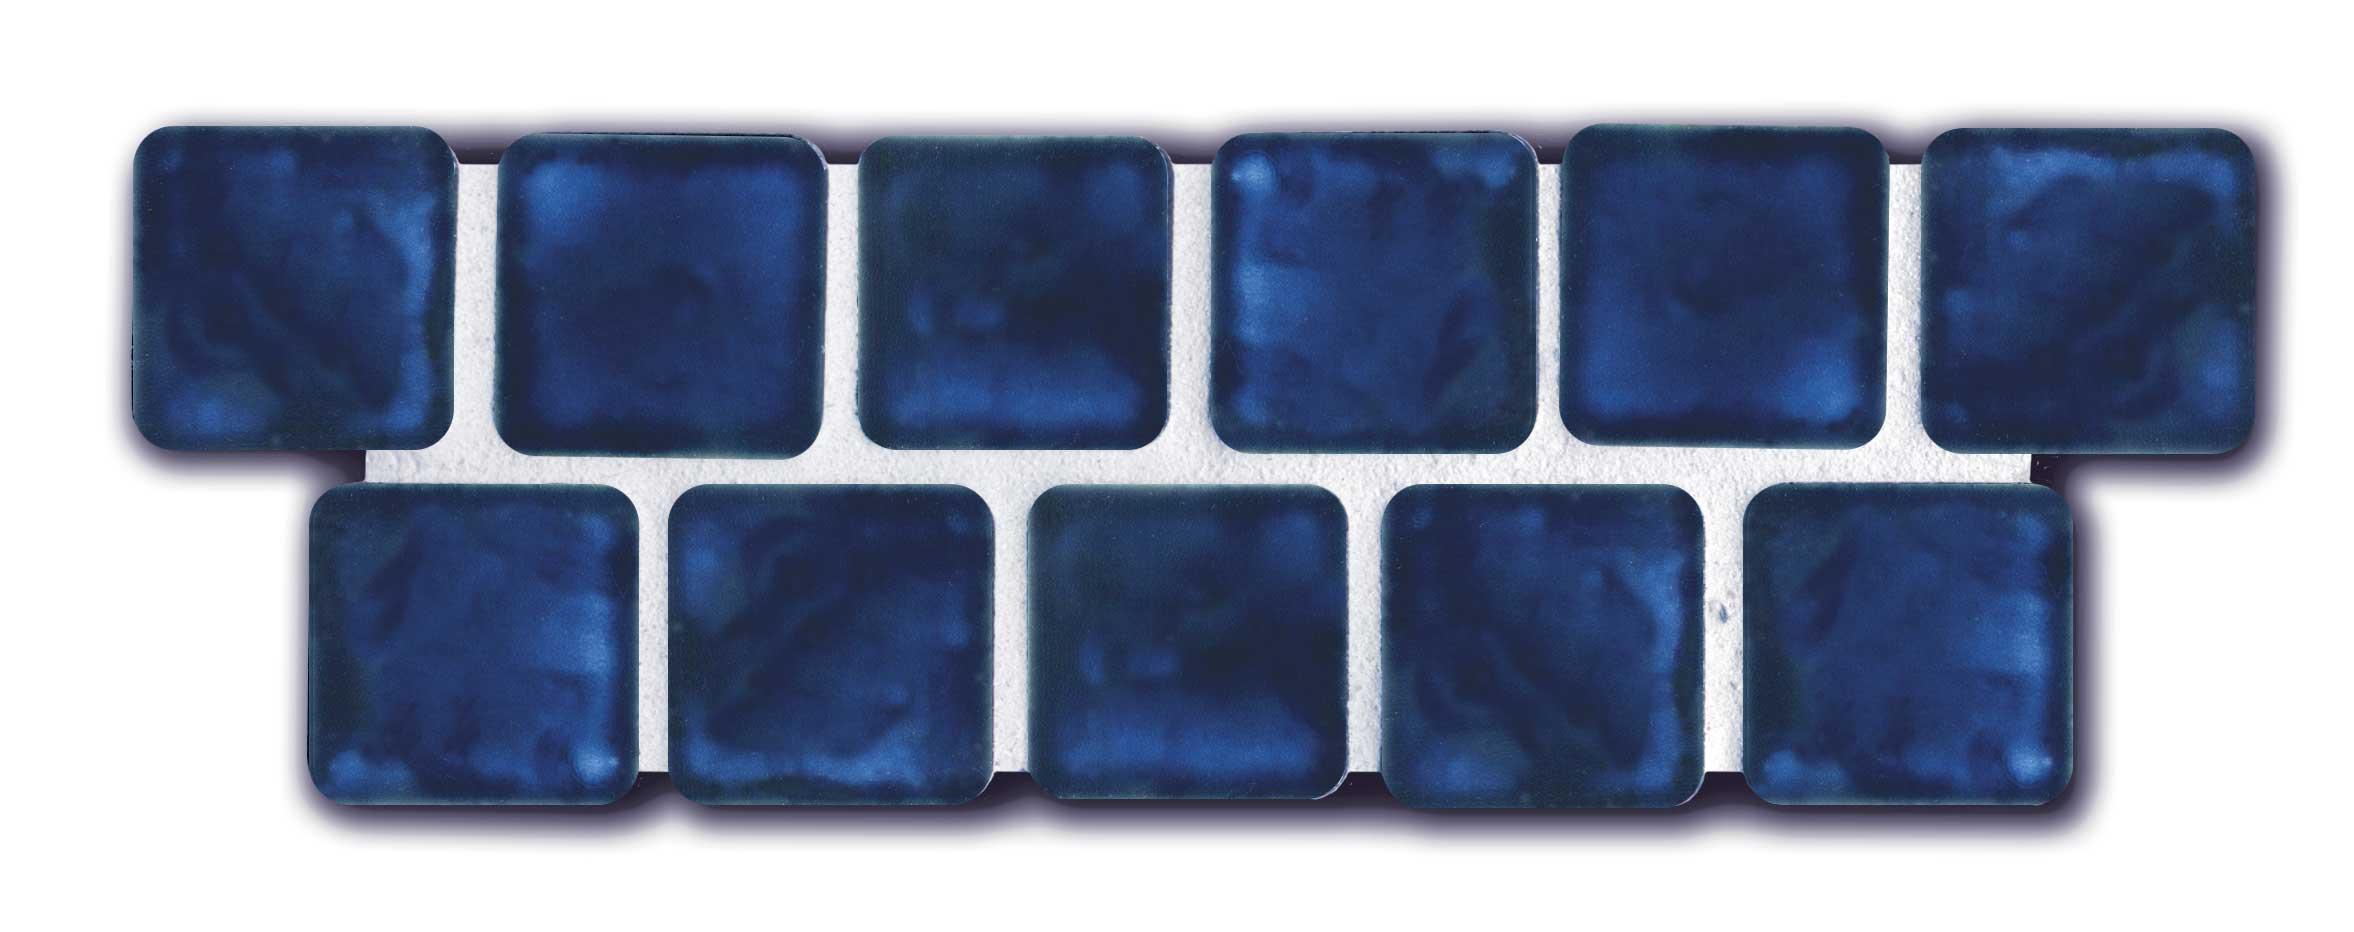 Navy blue ceramic tile